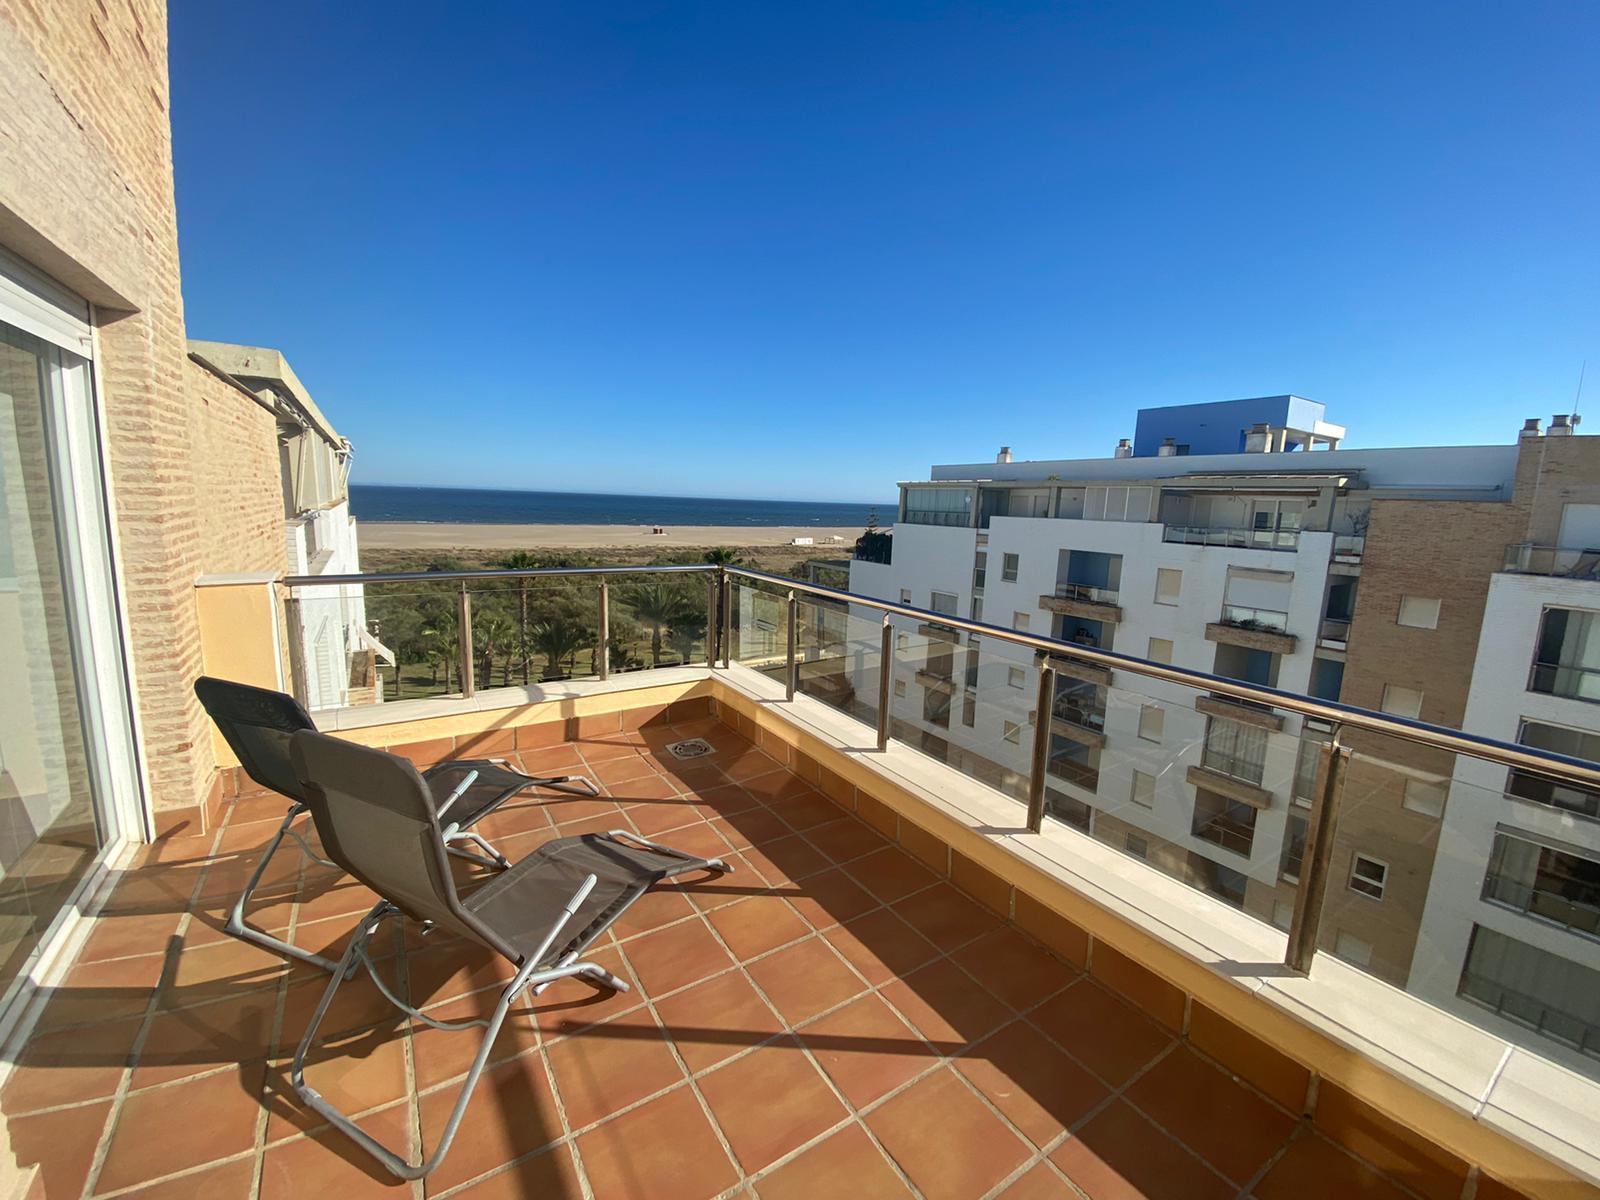 Imagen 48 del Apartamento Turístico, Ático 1 Levante (3d+2b), Punta del Moral (HUELVA), Paseo de la Cruz nº22